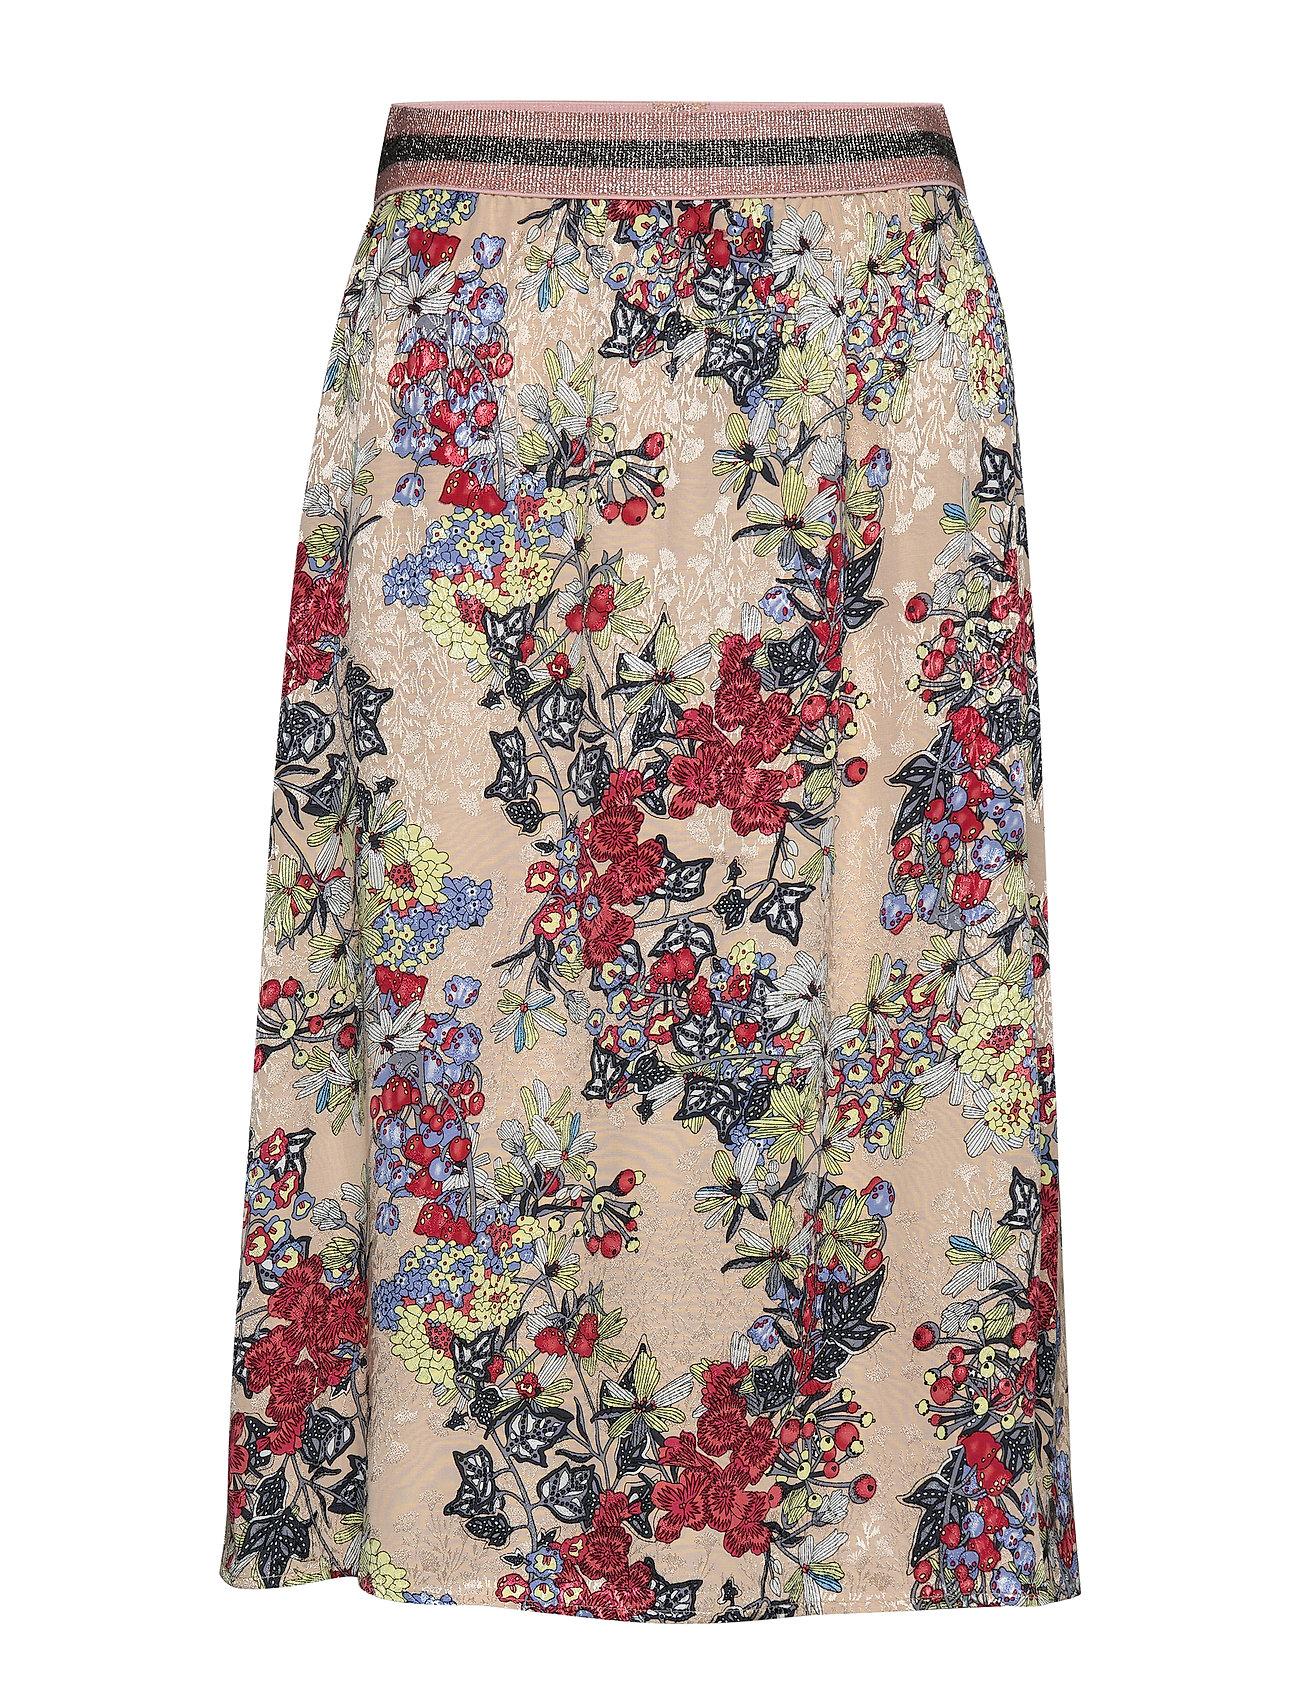 Coster Copenhagen Skirt in winter berry print - WINTER BERRY PRINT